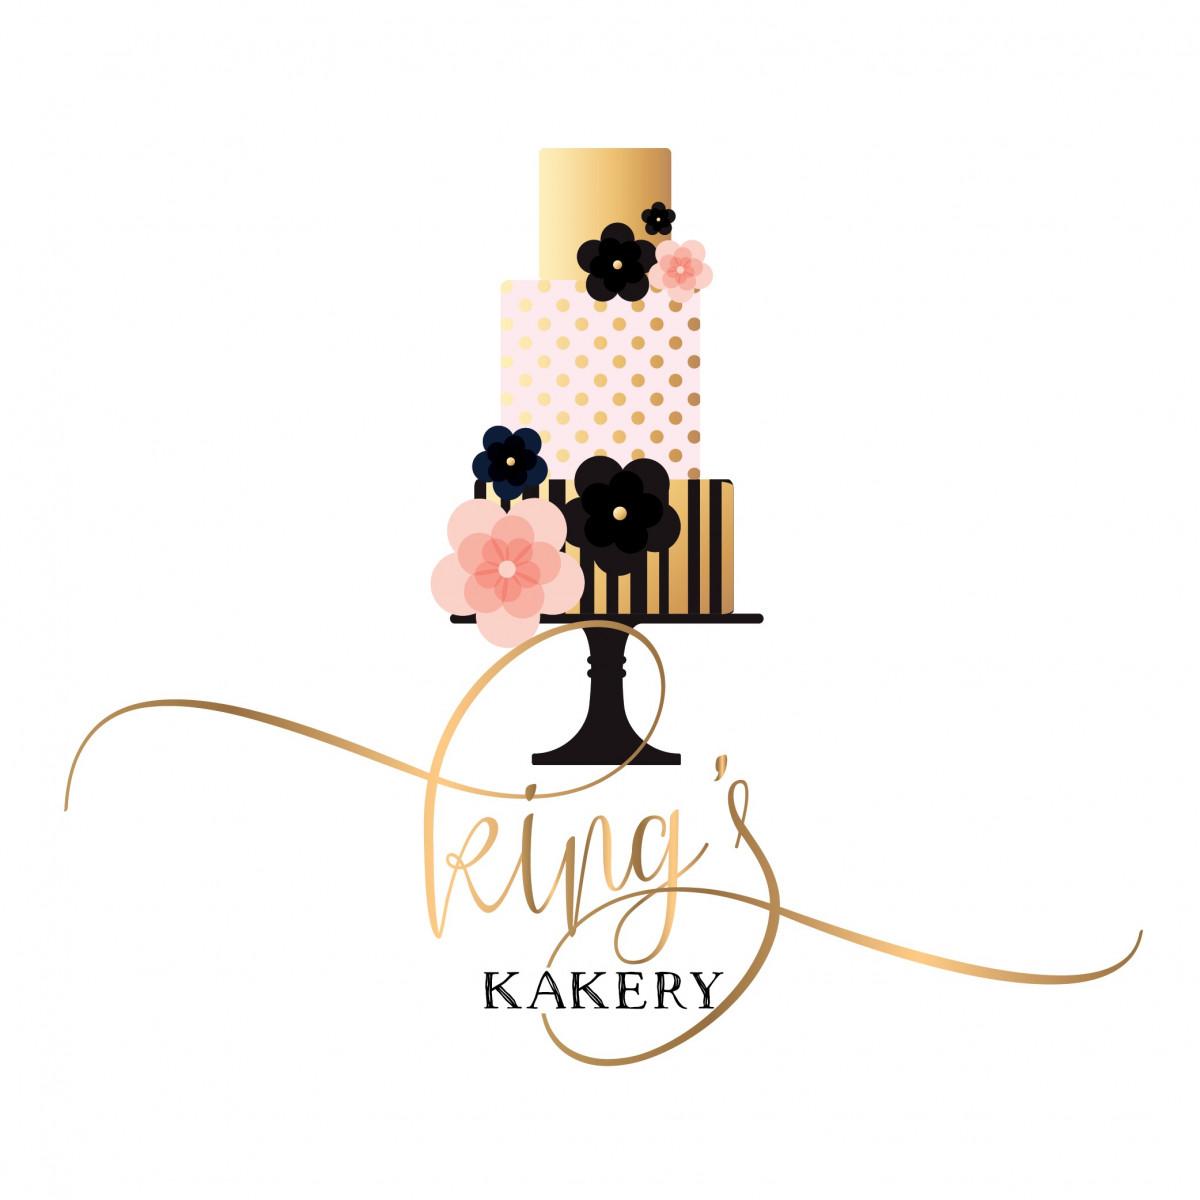 Kings's Kakery Pastry Shop OPEN